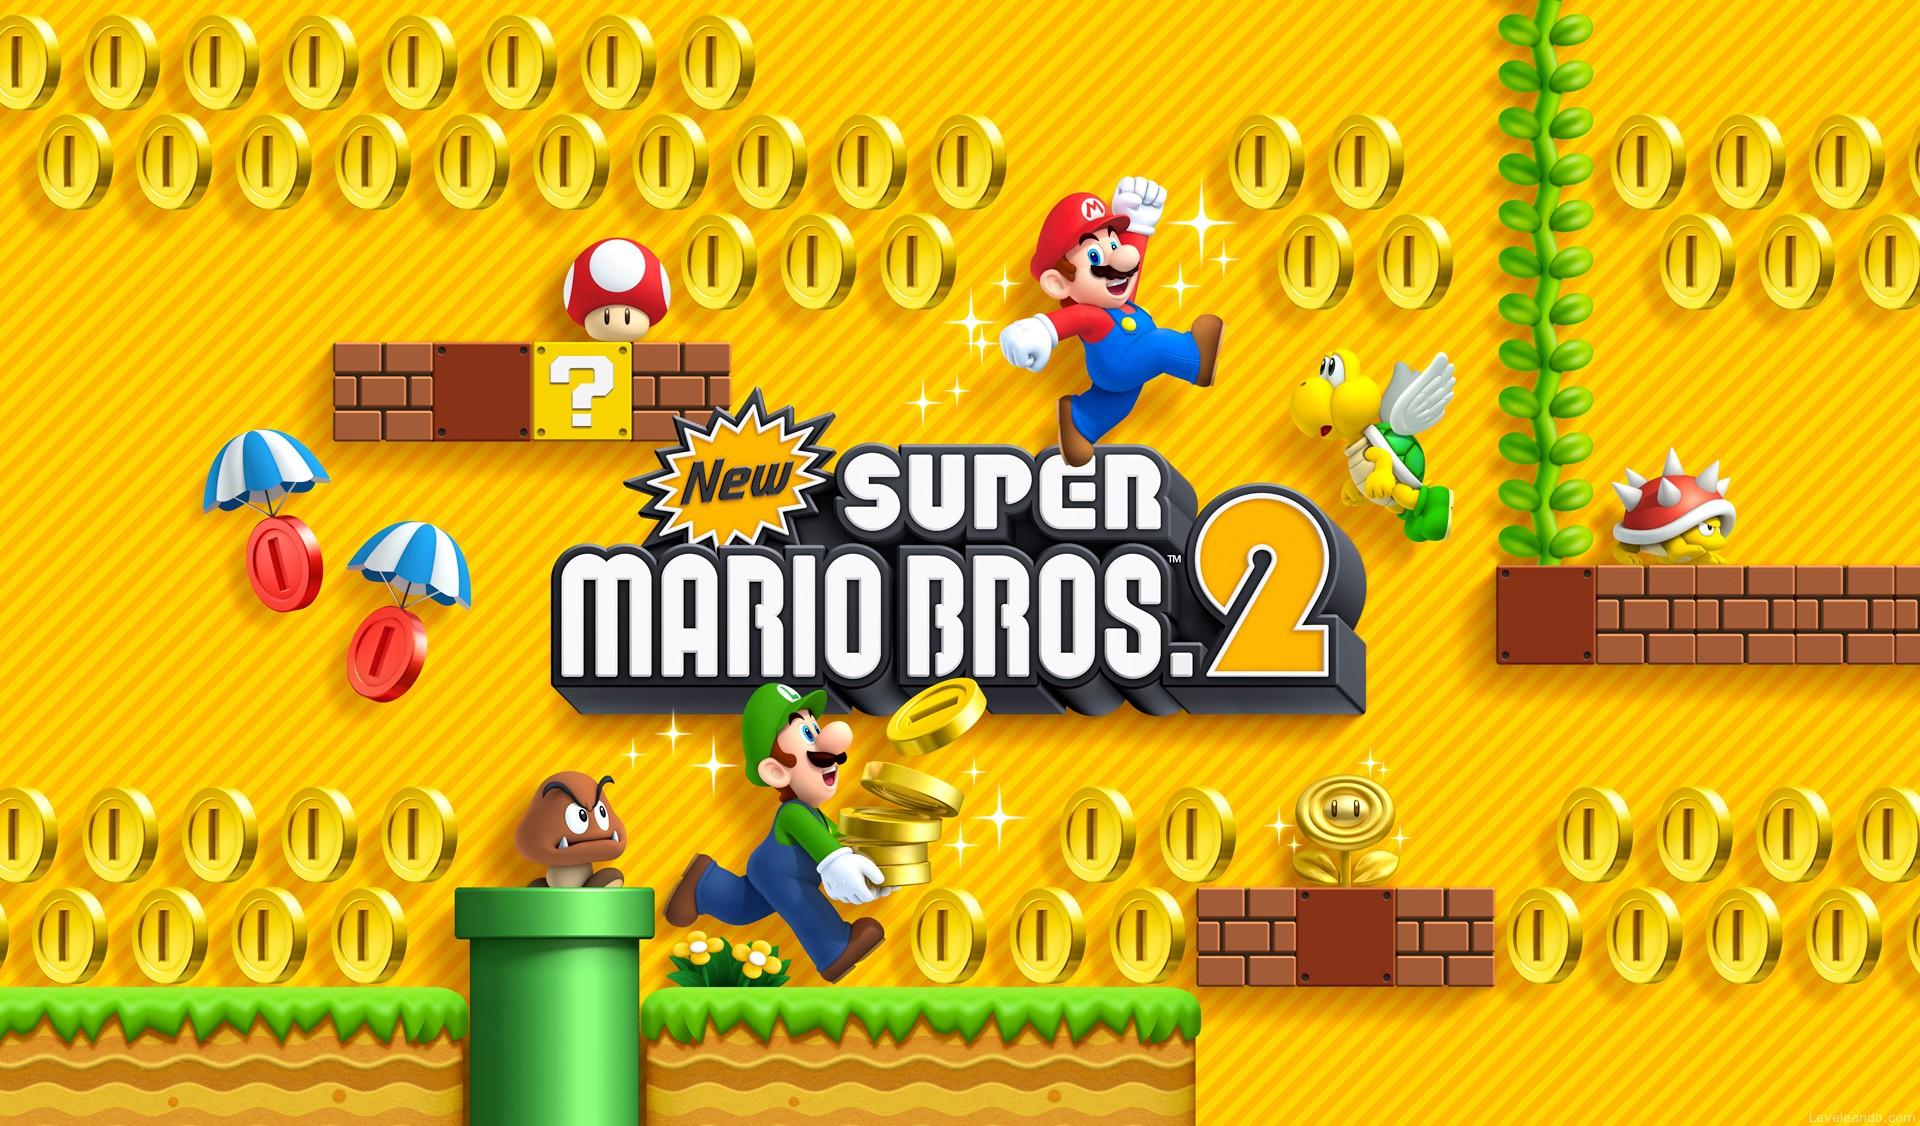 Análisis: New Super Mario Bros. 2 (2012)